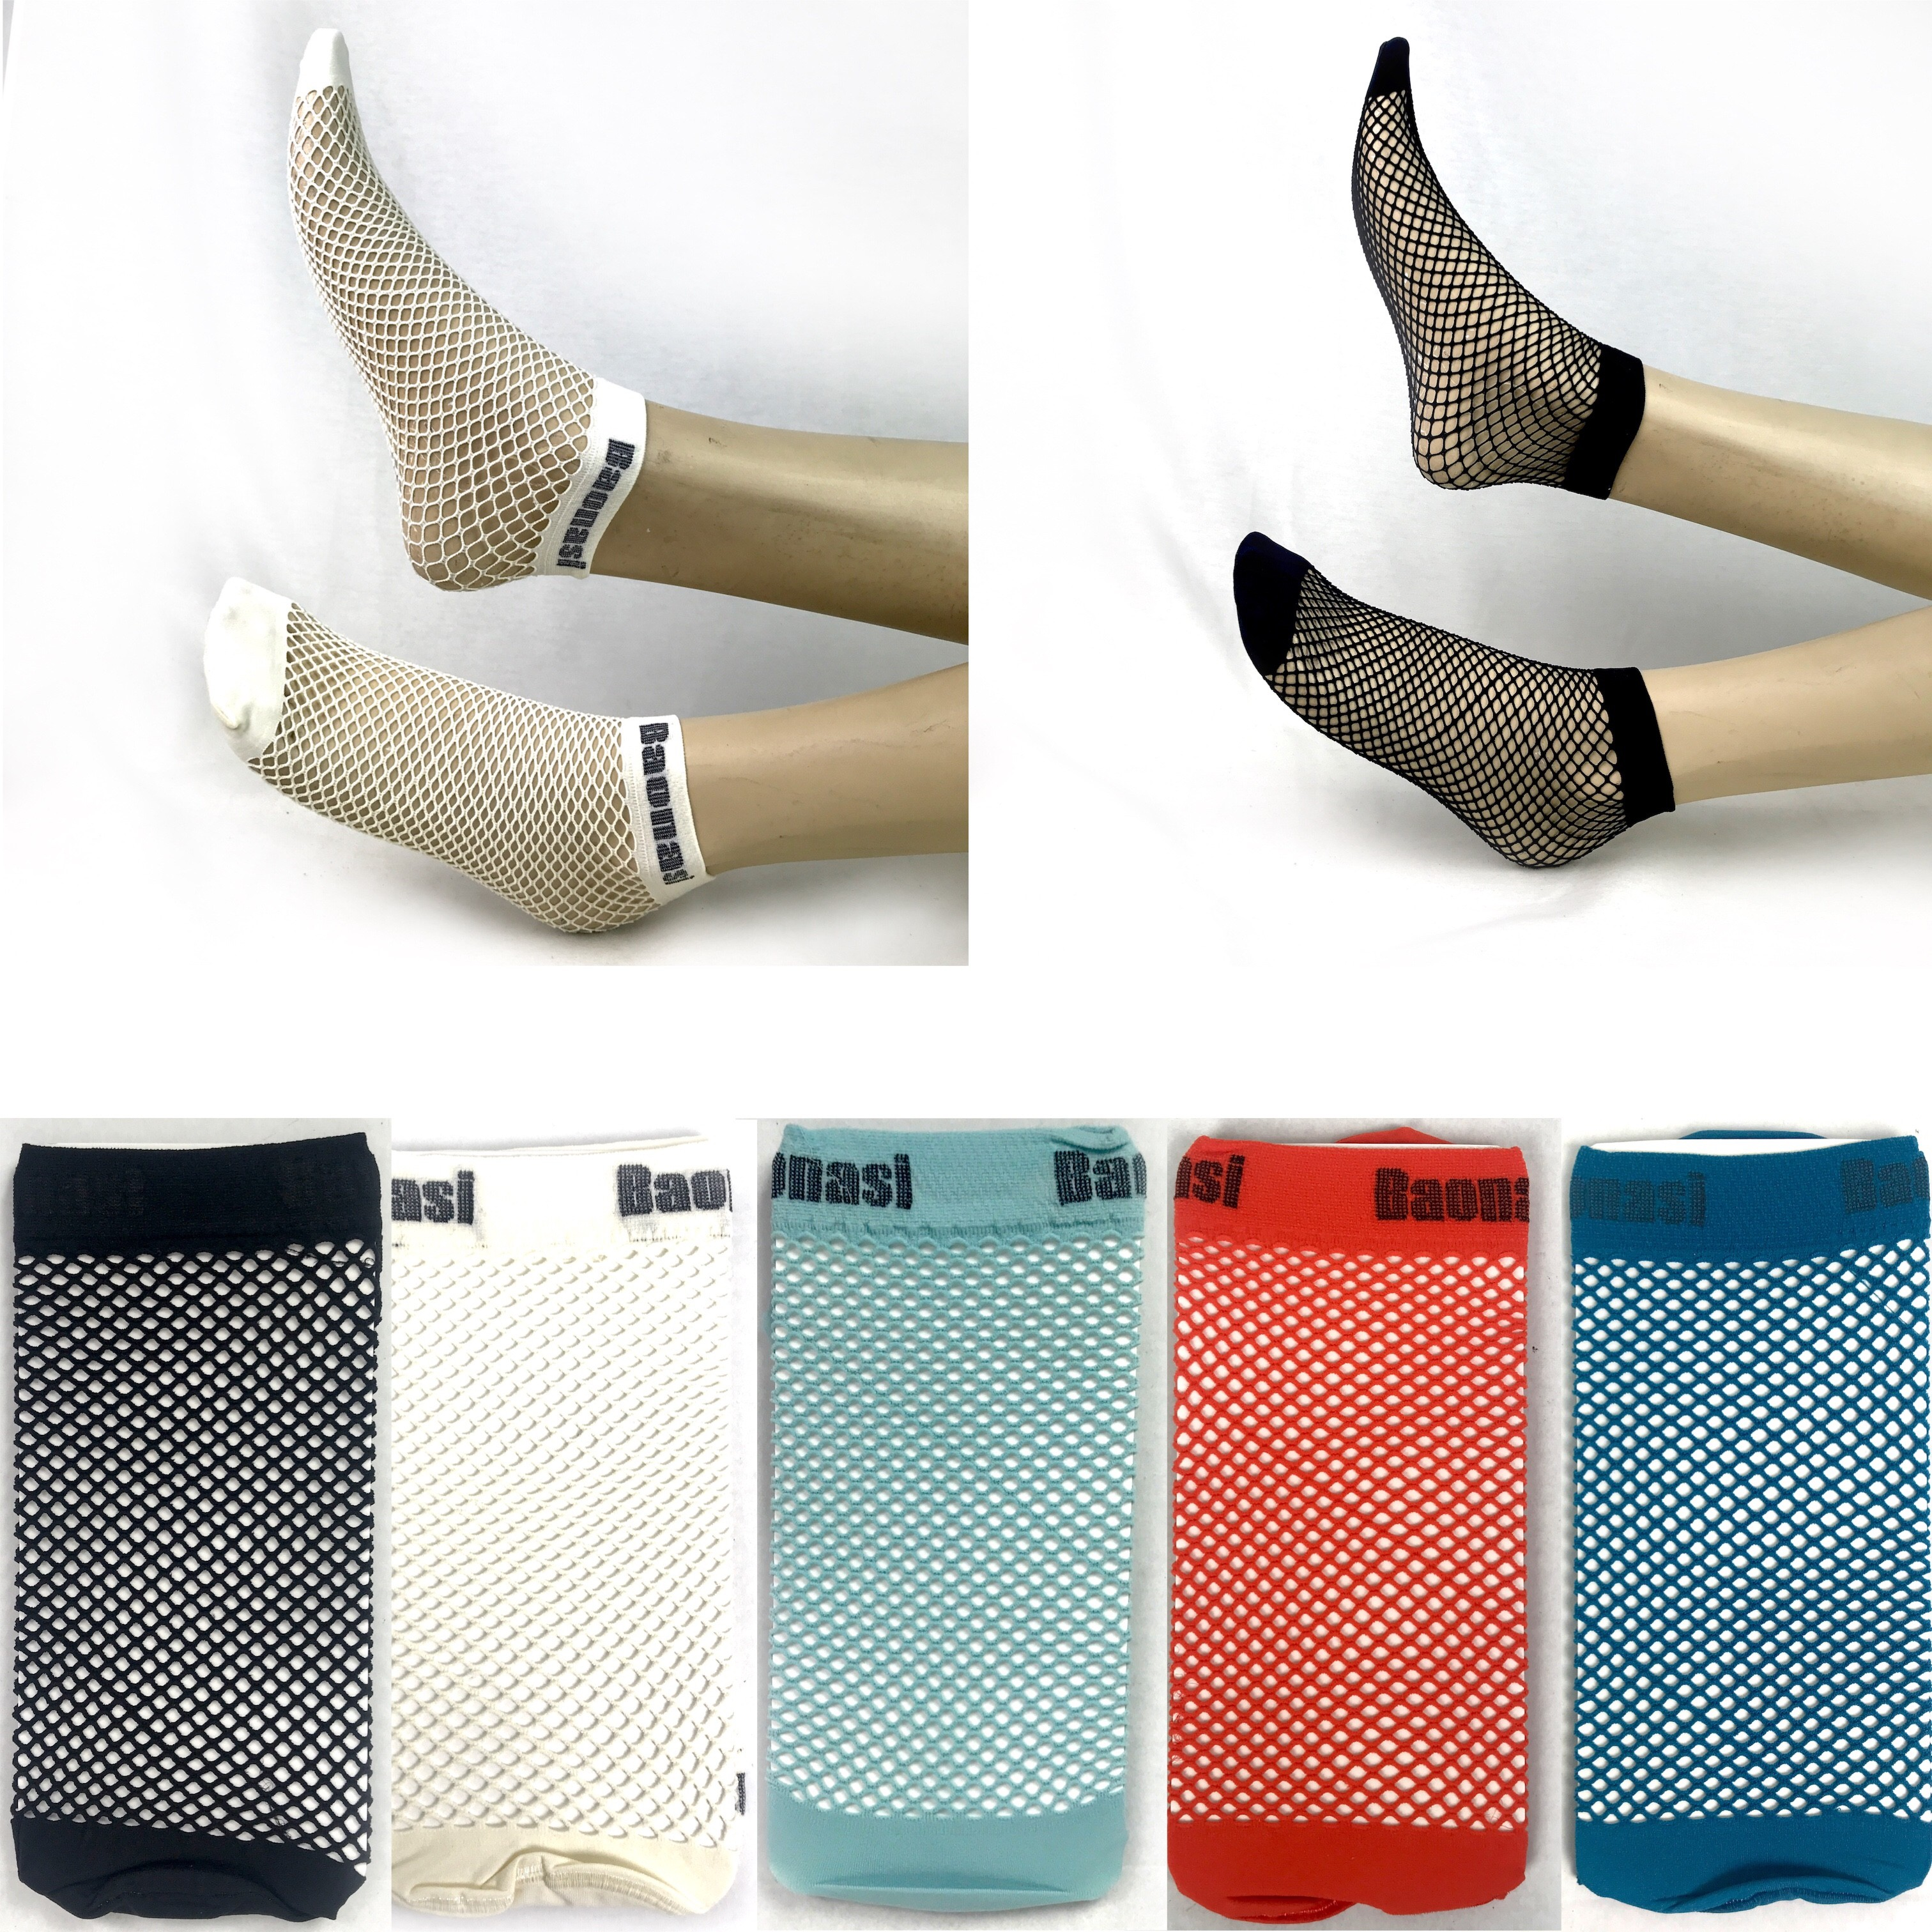 Pallet of Ladies' Fishnet Socks, Various Colours, 6 Est. Original Retail €12,012, Vilnius, LT